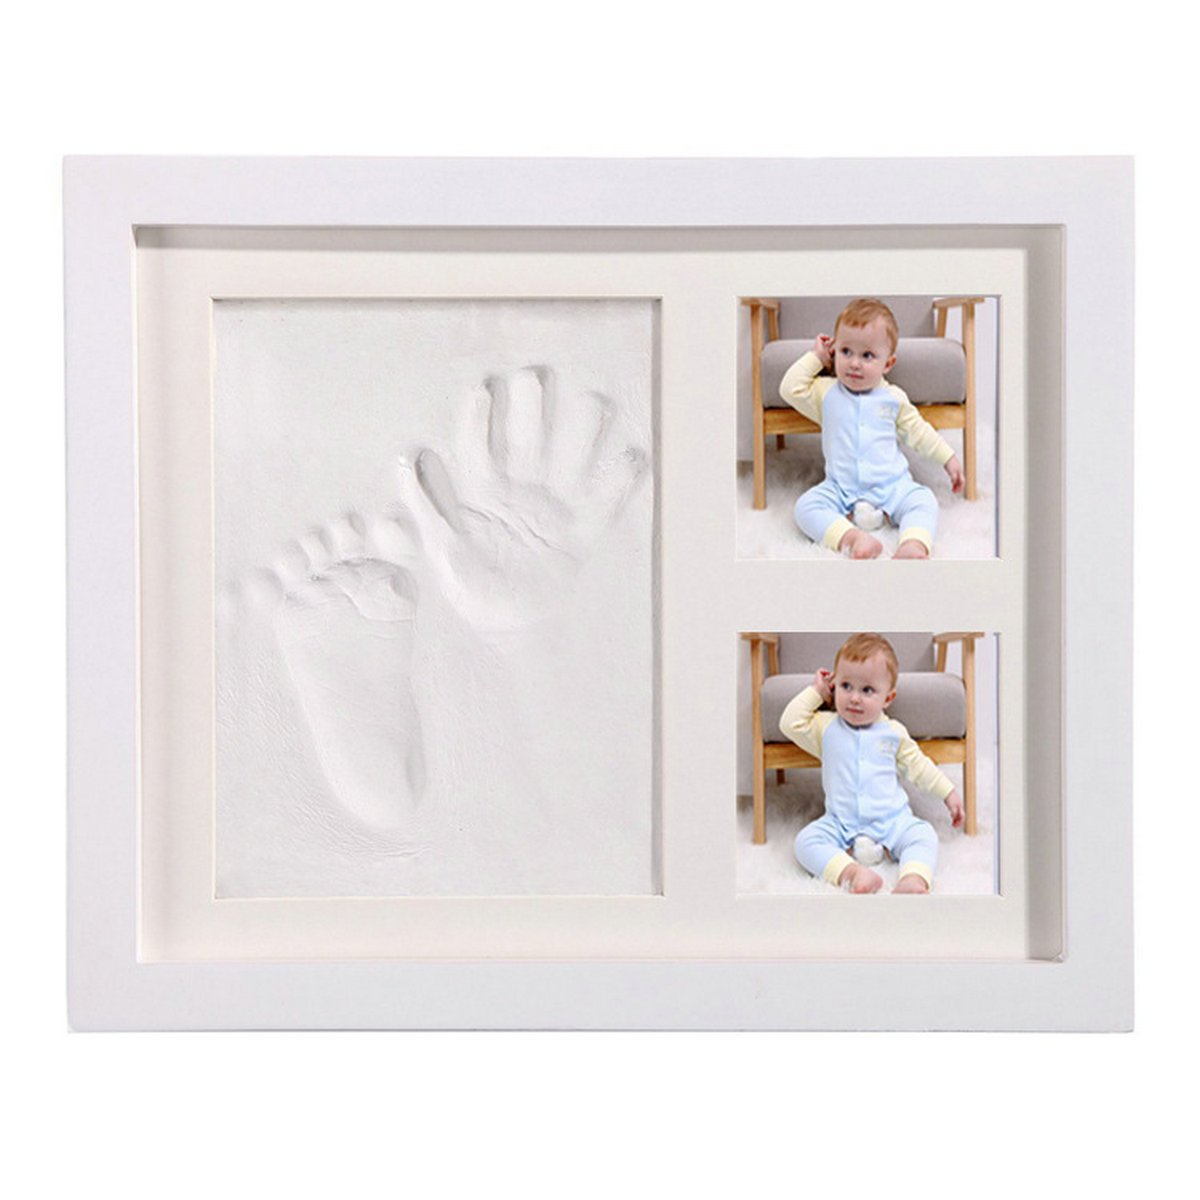 Hantajanss Baby Keepsake Frame Preserves Priceless Memories Baby Footprint Frame Kit for Baby Registry (White)